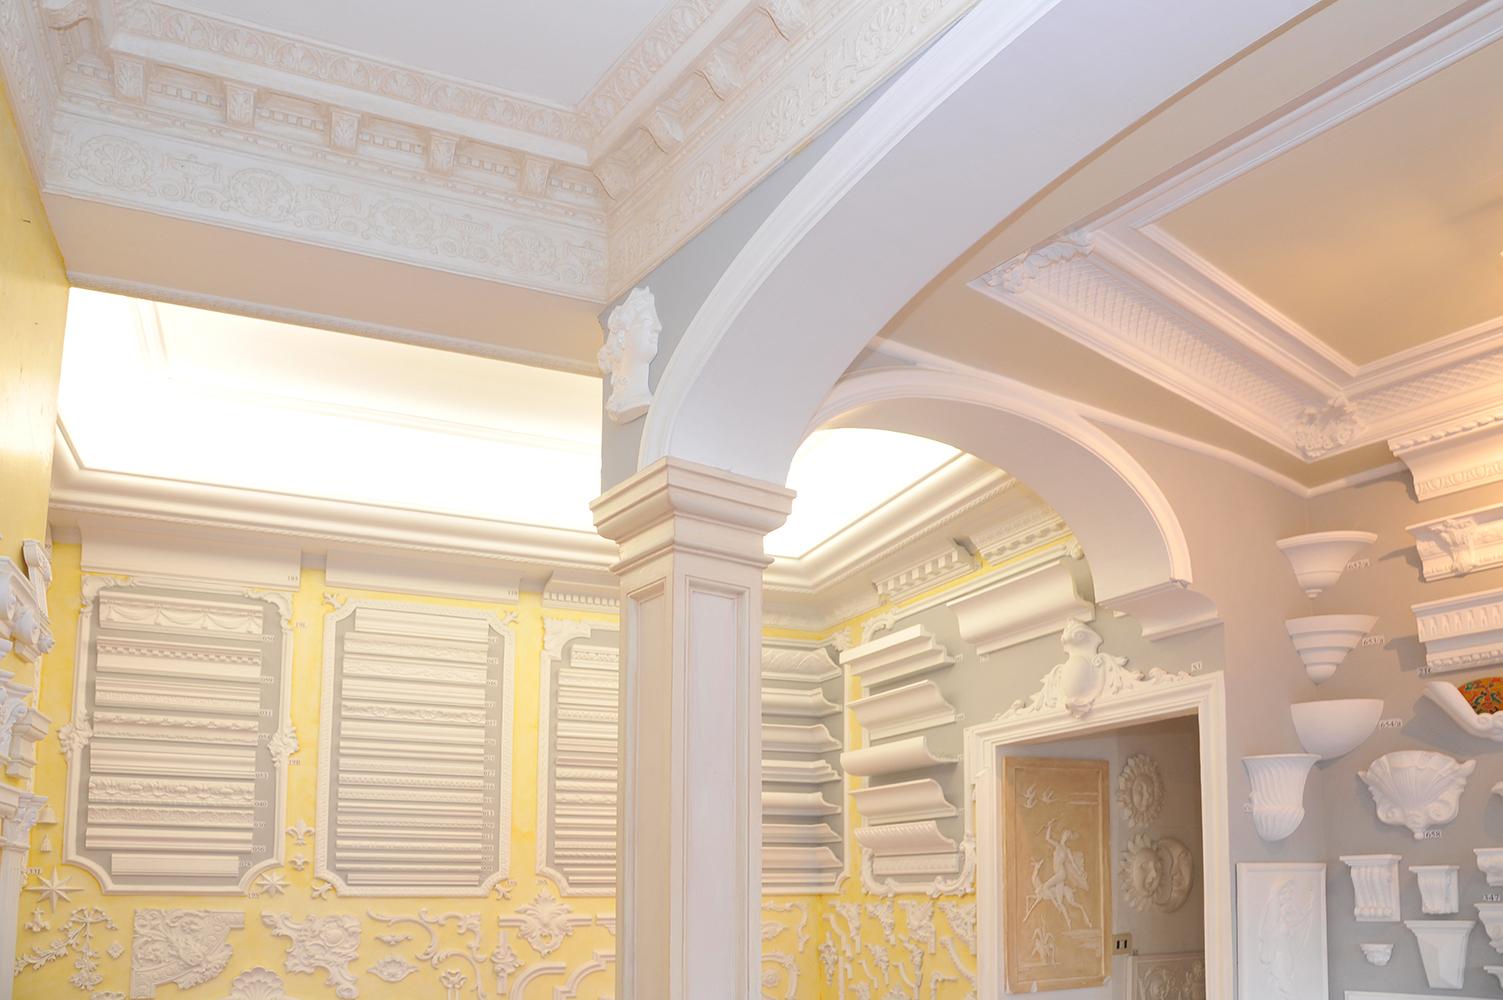 Stucchi in gesso per interni vn63 regardsdefemmes - Decori in gesso ...